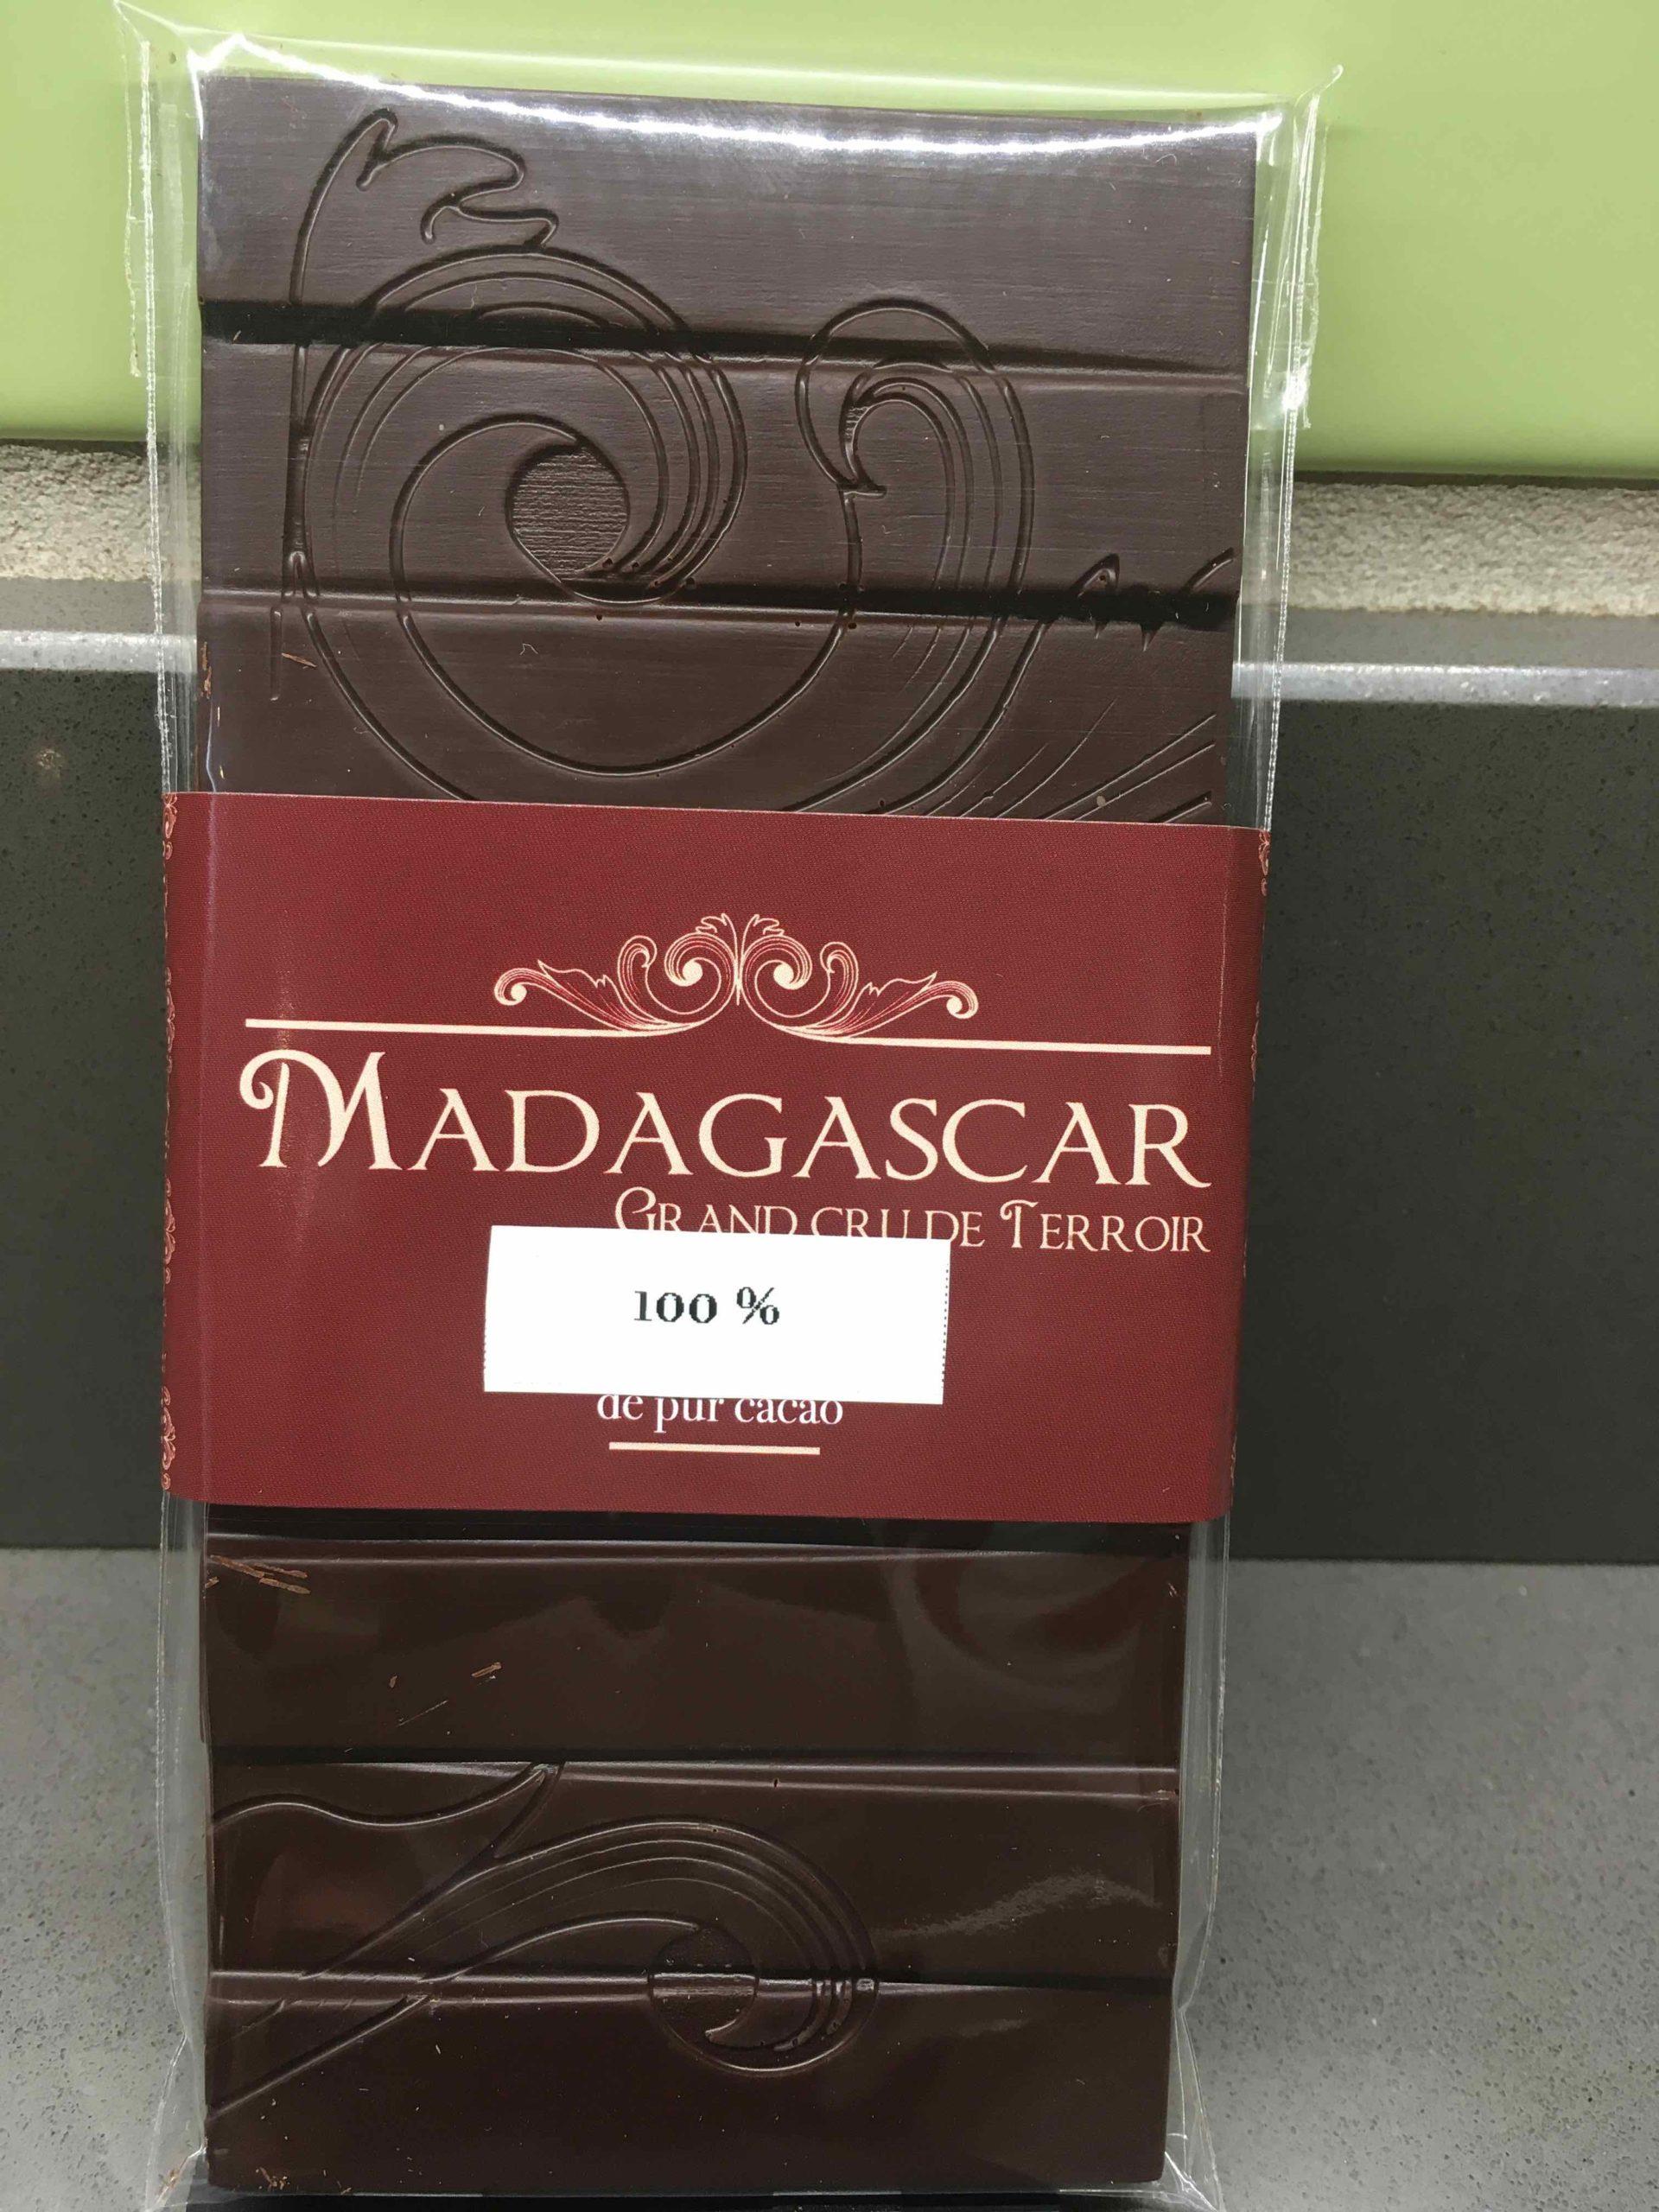 Tab 100 % Madagascar